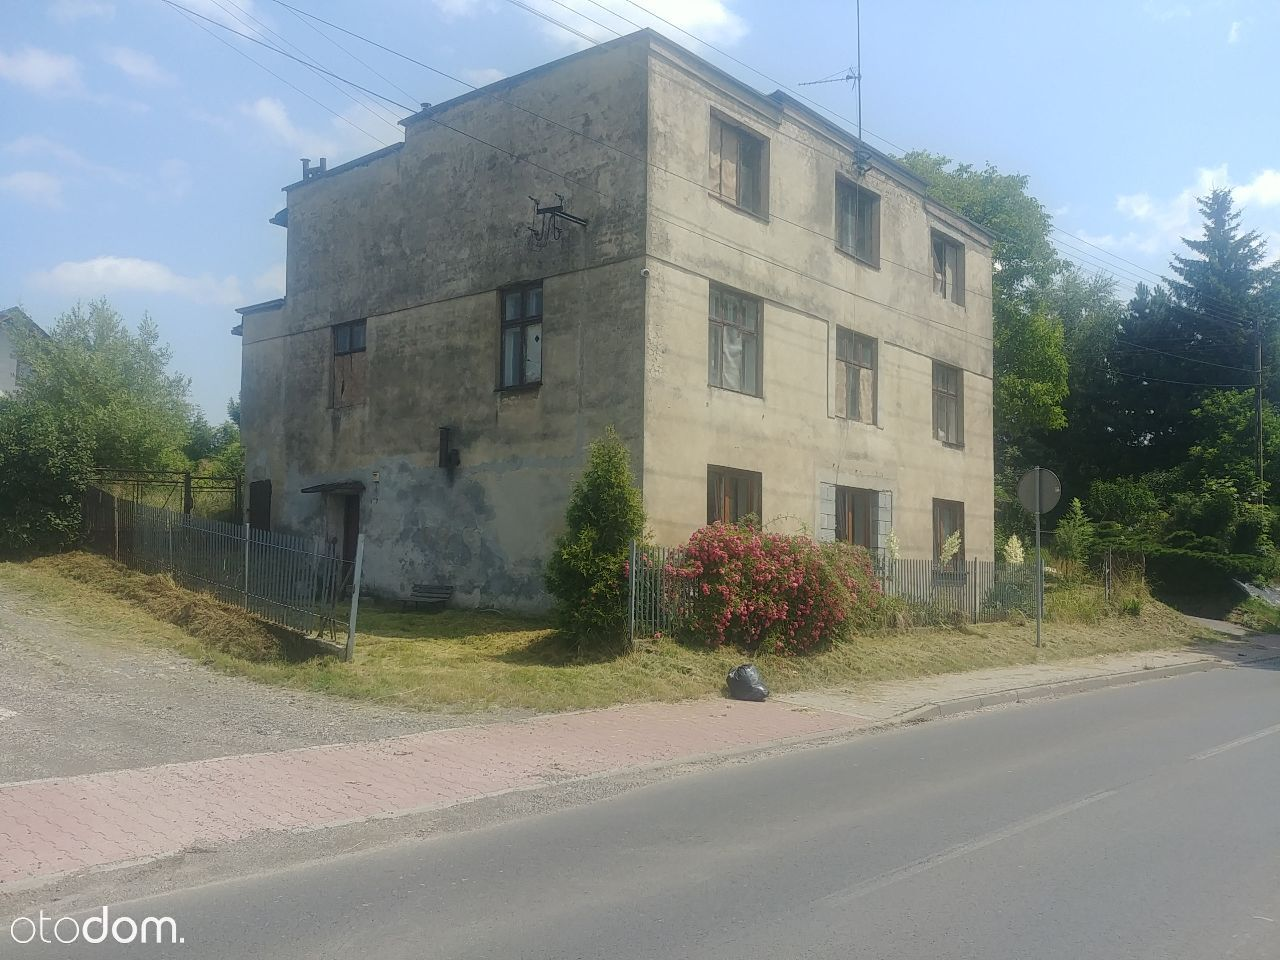 Duży Dom możliwe 6 mieszkań lub usługi handel